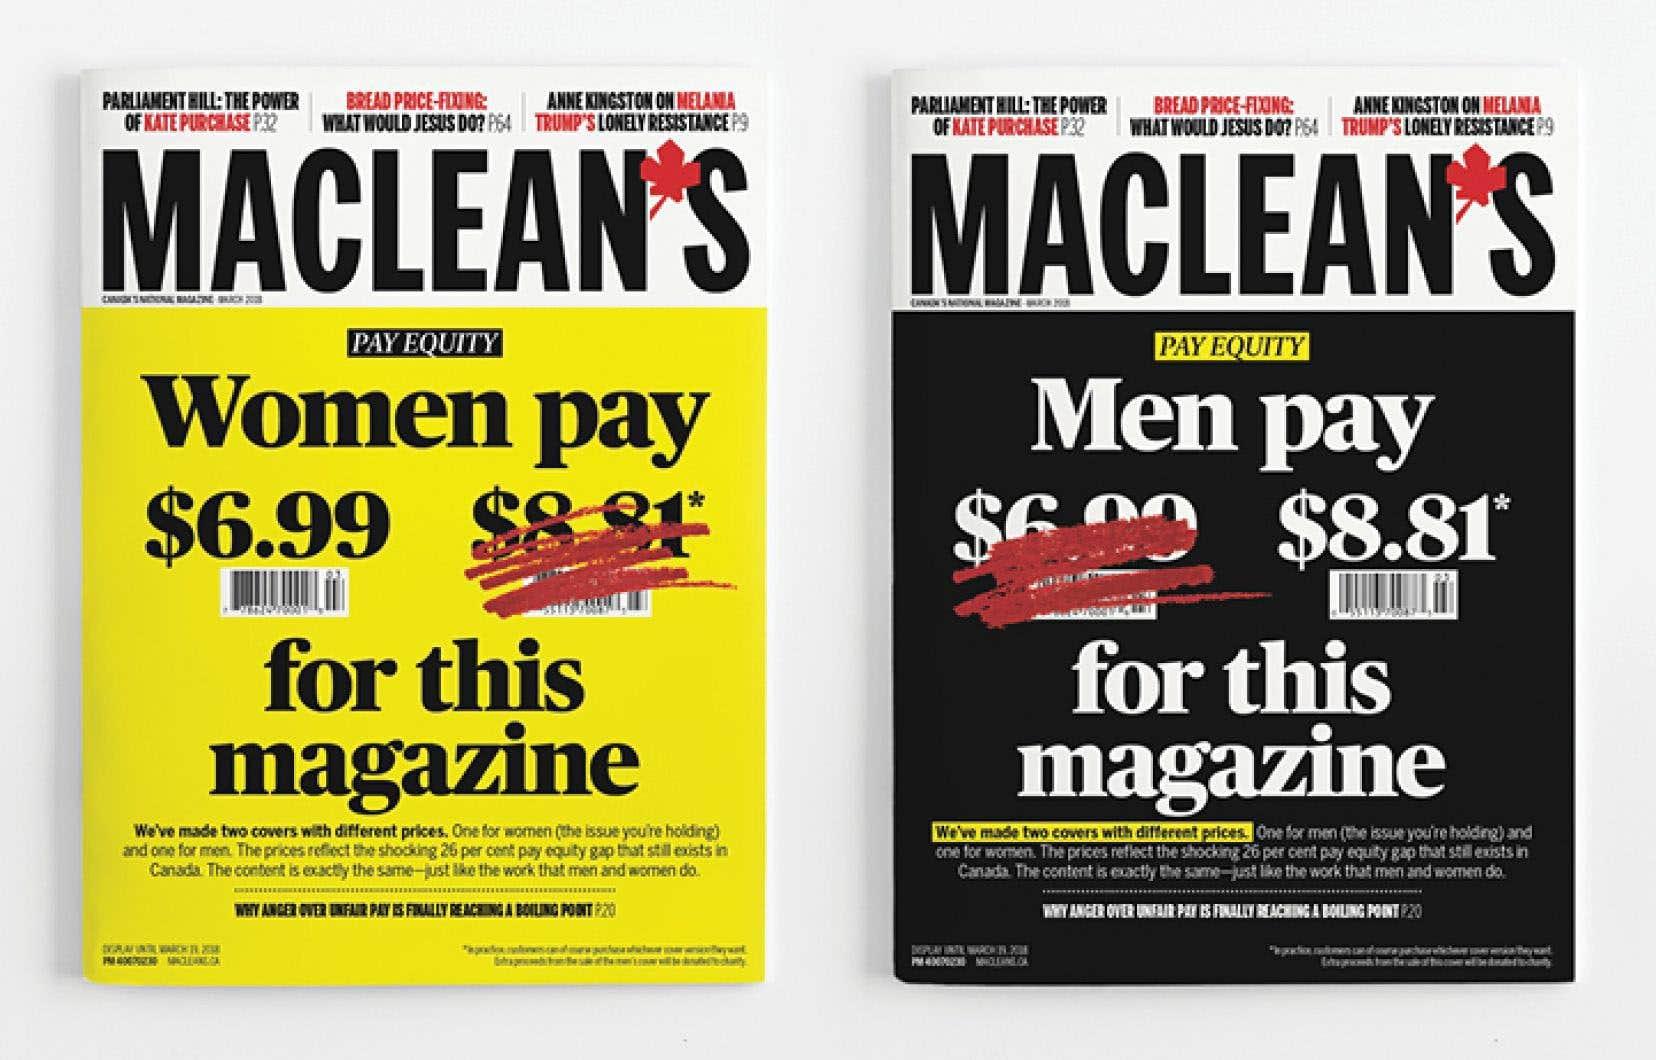 L'exercice, précise le «Maclean's», est laissé à la discrétion du lecteur, qui pourra ou non payer l'écart de 1,82$.